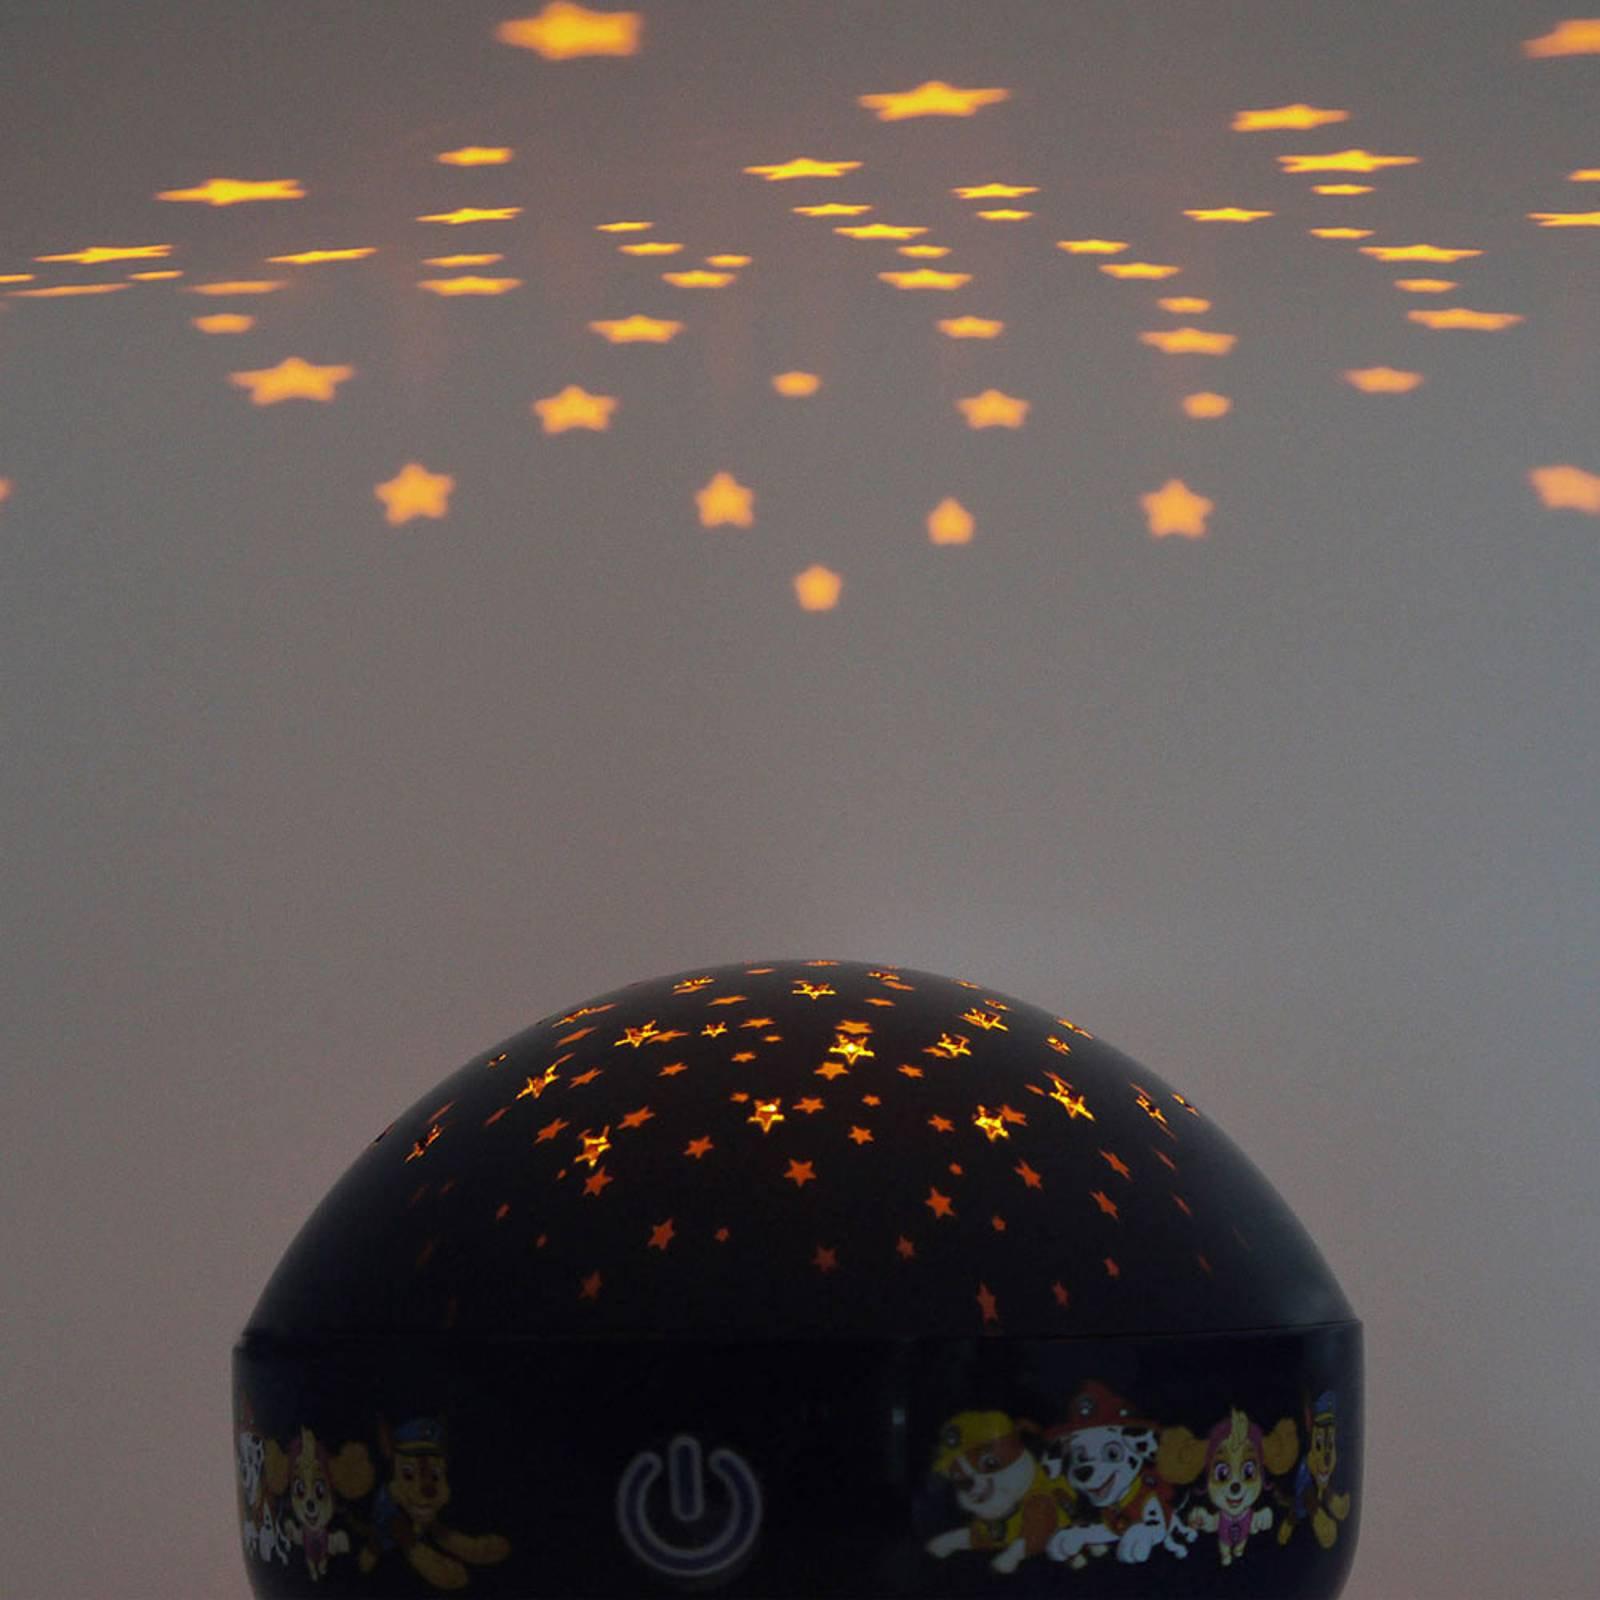 LED-projeksjons-nattlampe Paw Patrol, blå